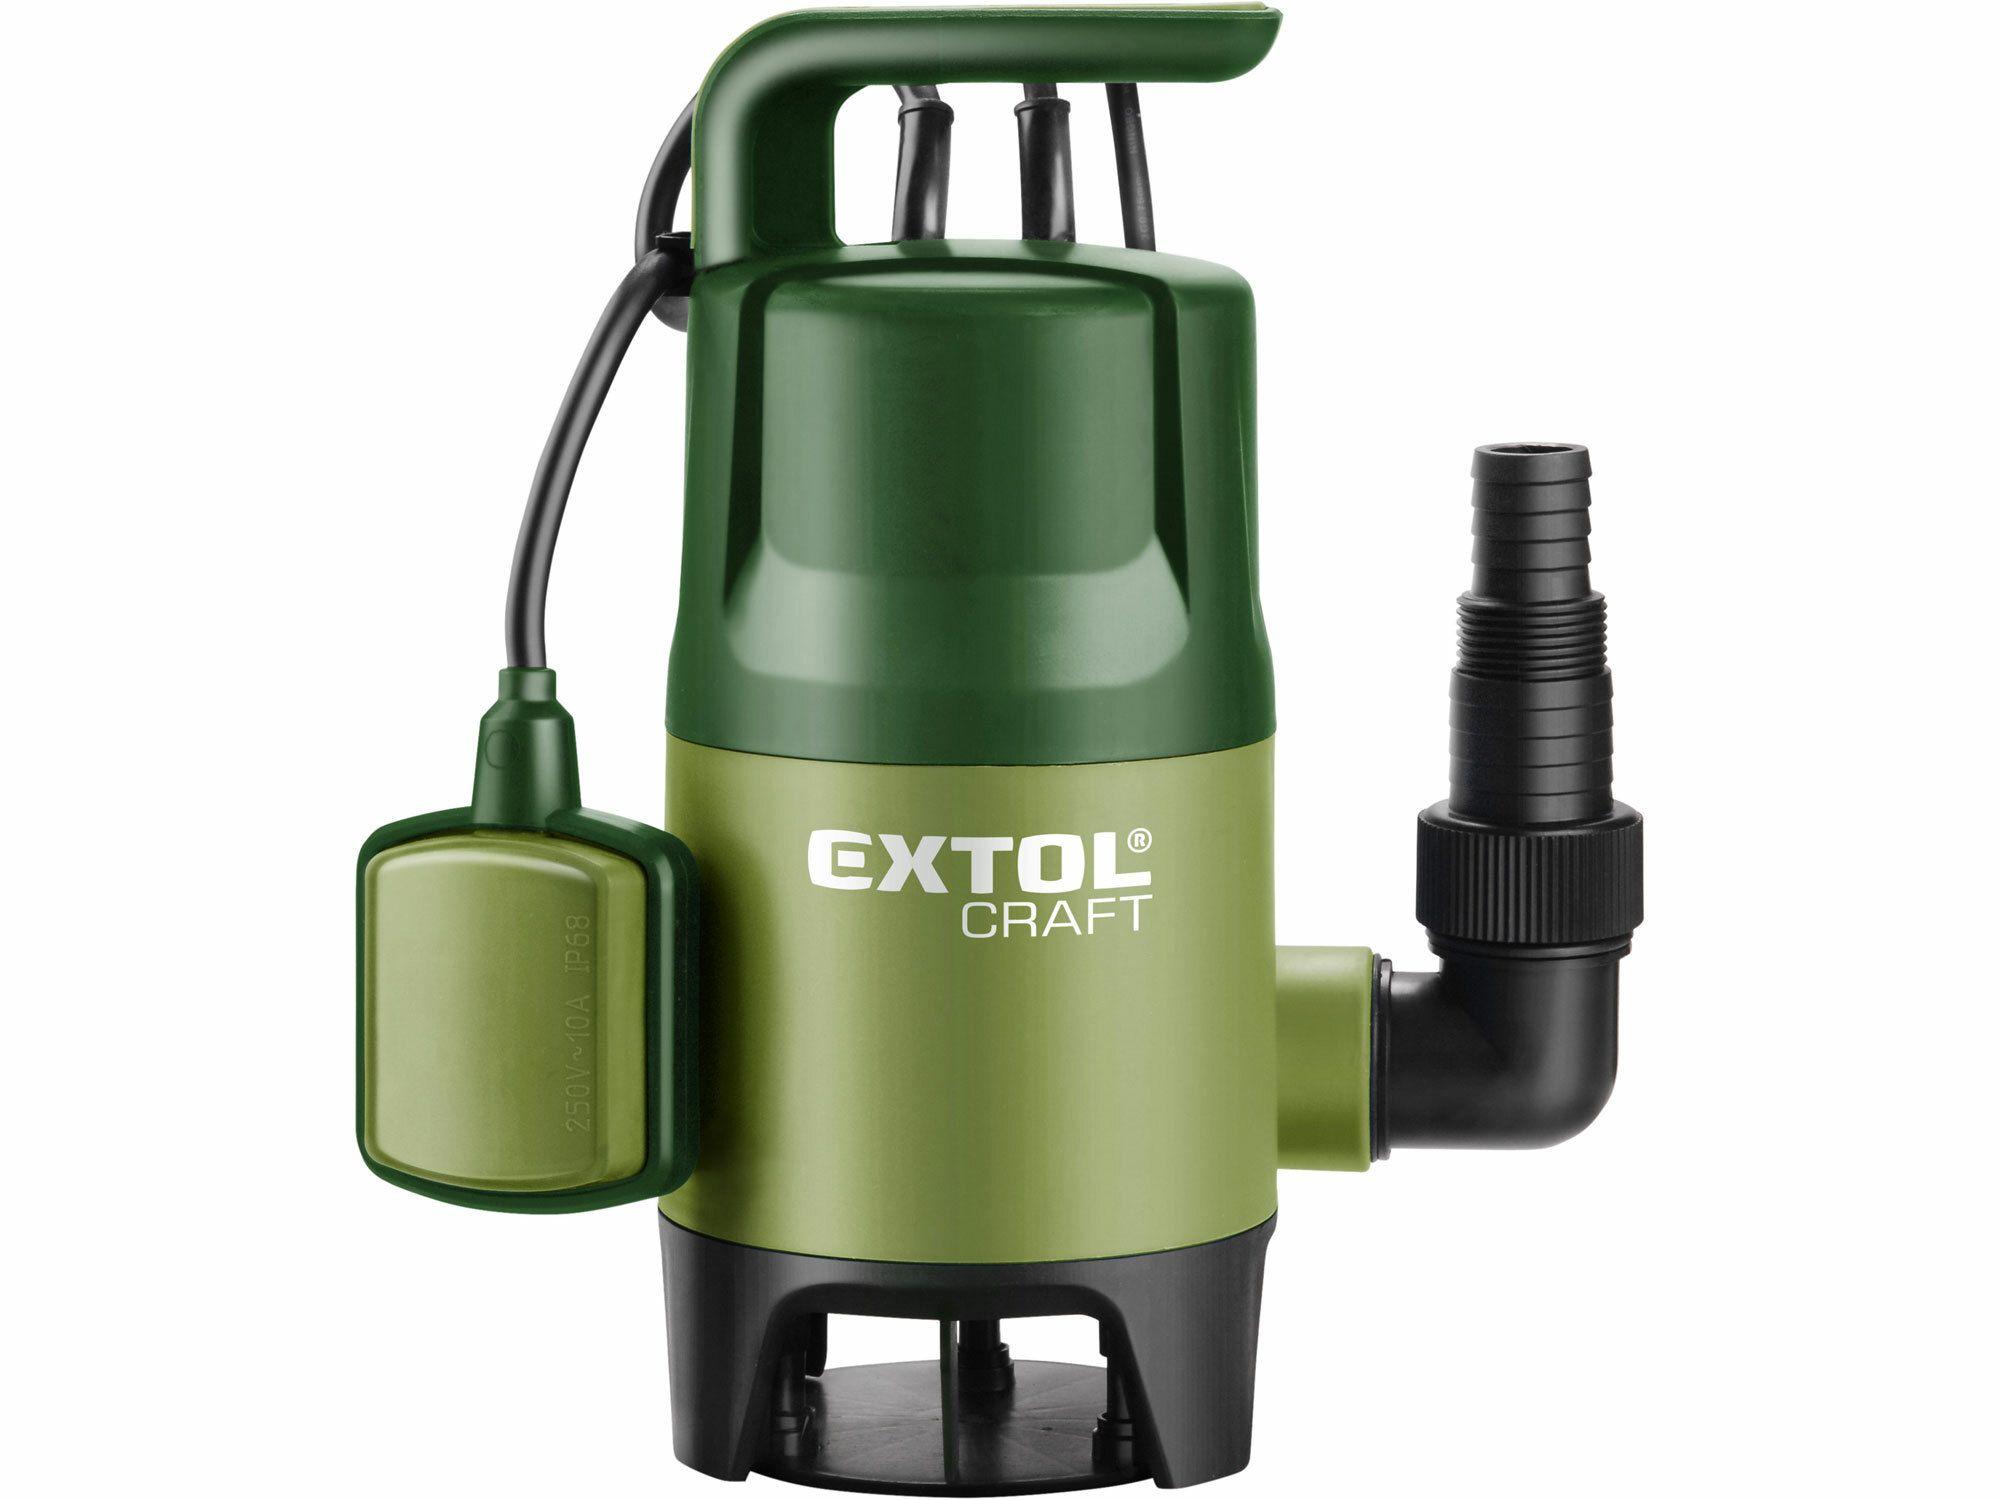 Čerpadlo na znečištěnou vodu, 400W, 7500l/hod, 10m, EXTOL CRAFT